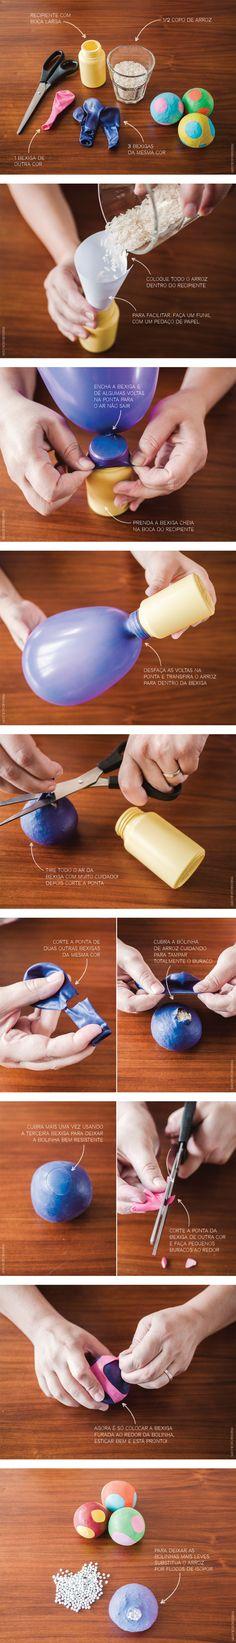 Bolinha de bexiga recheadas com diferentes materiais